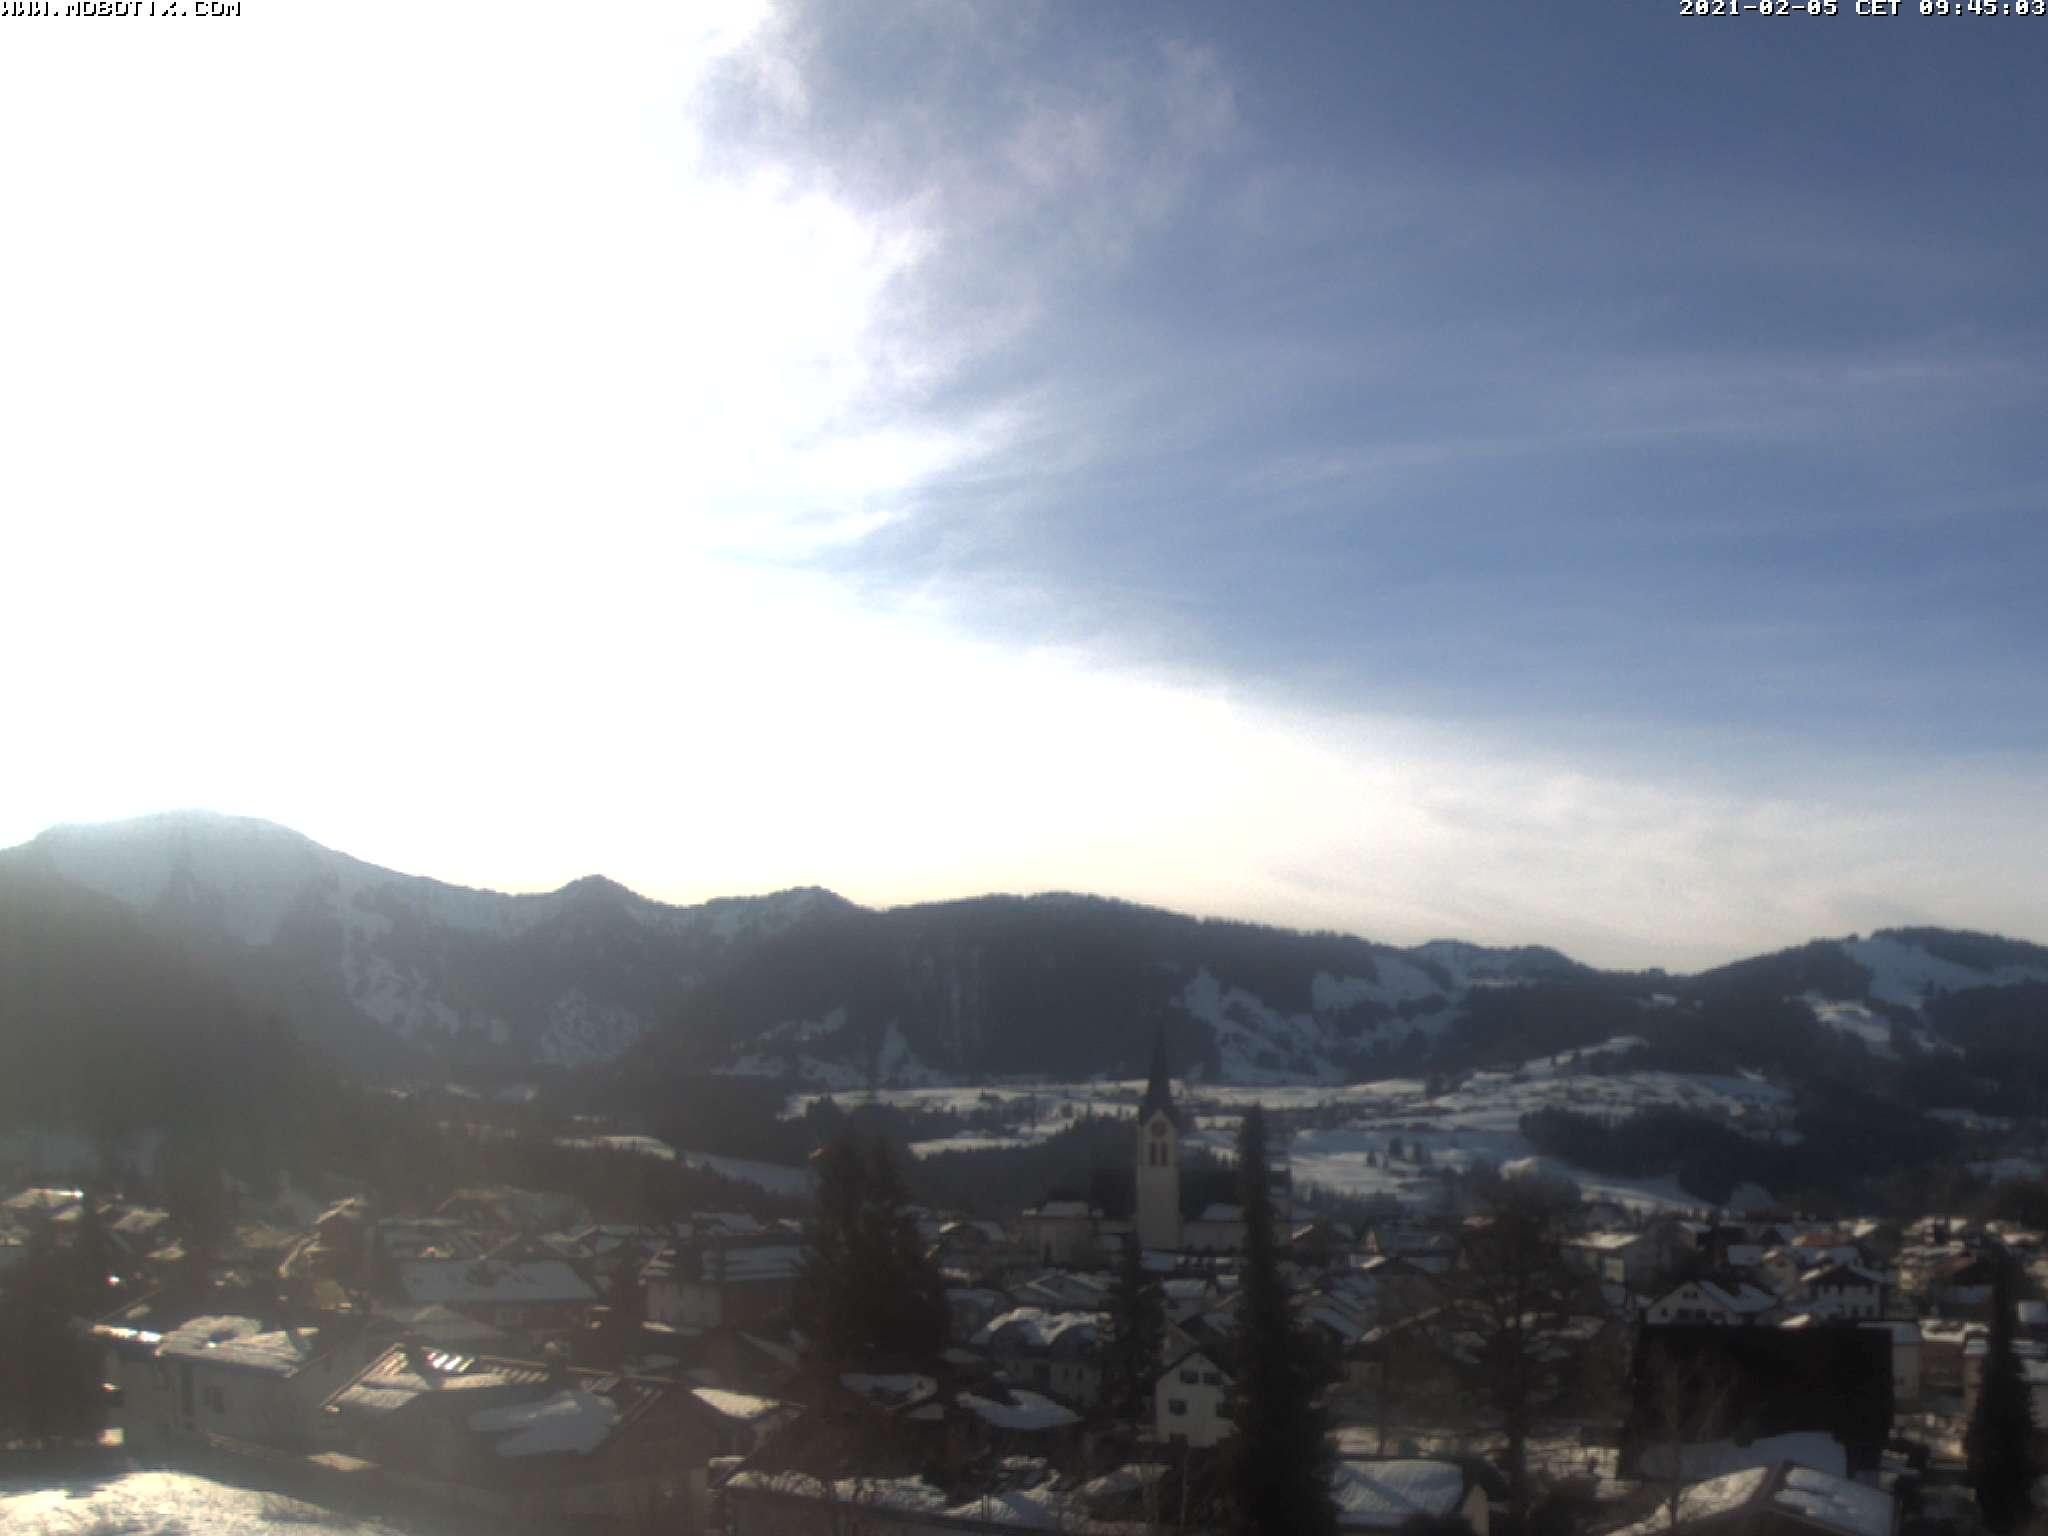 Webcam Skigebiet Oberstaufen - Hochgrat cam 4 - Allg�u